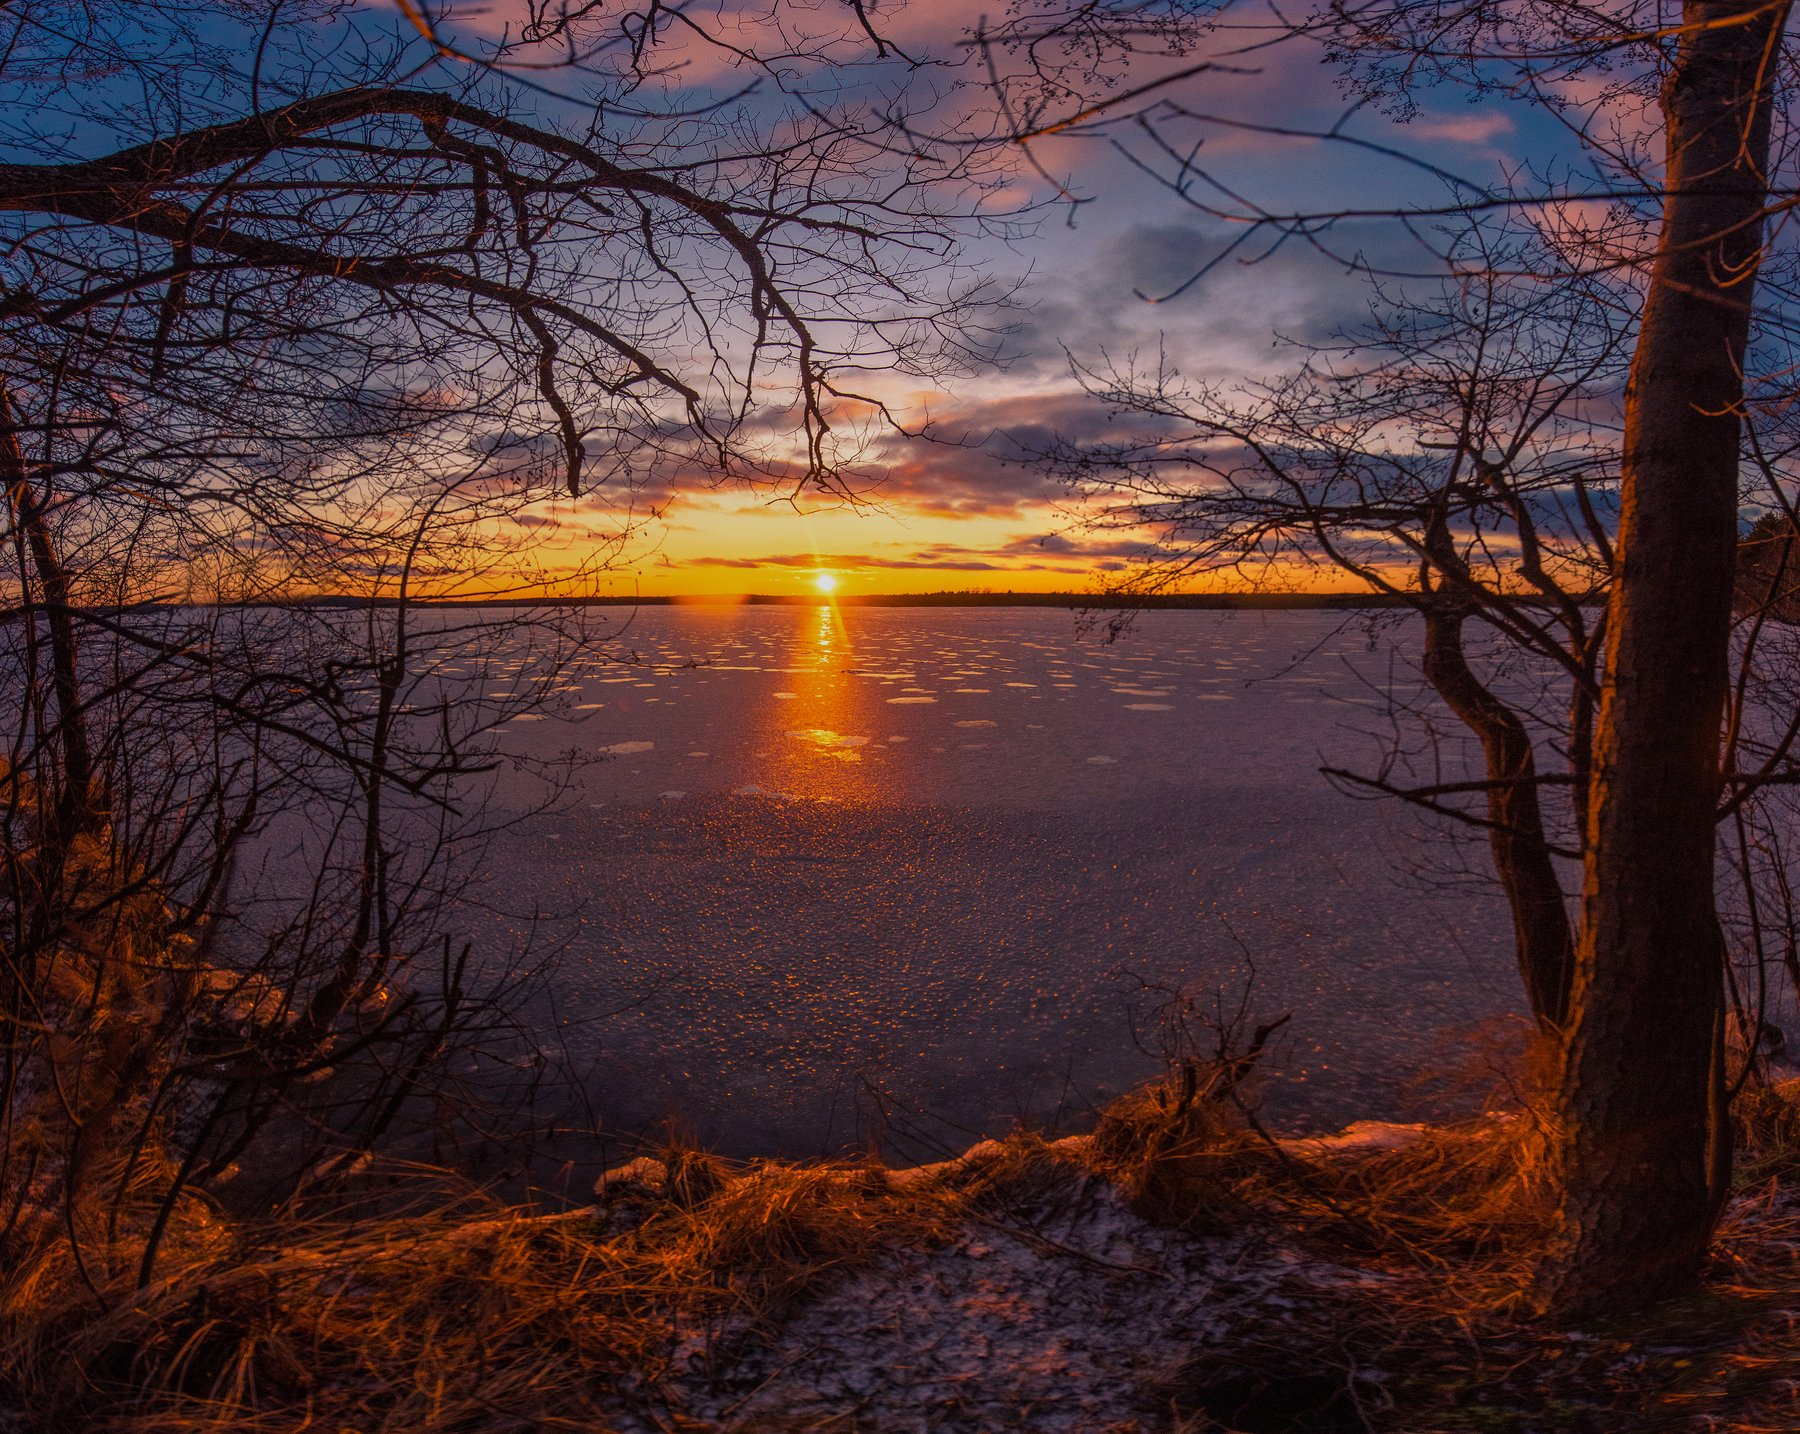 закат, рубское озеро, ивановская область, Воробьёв Евгений